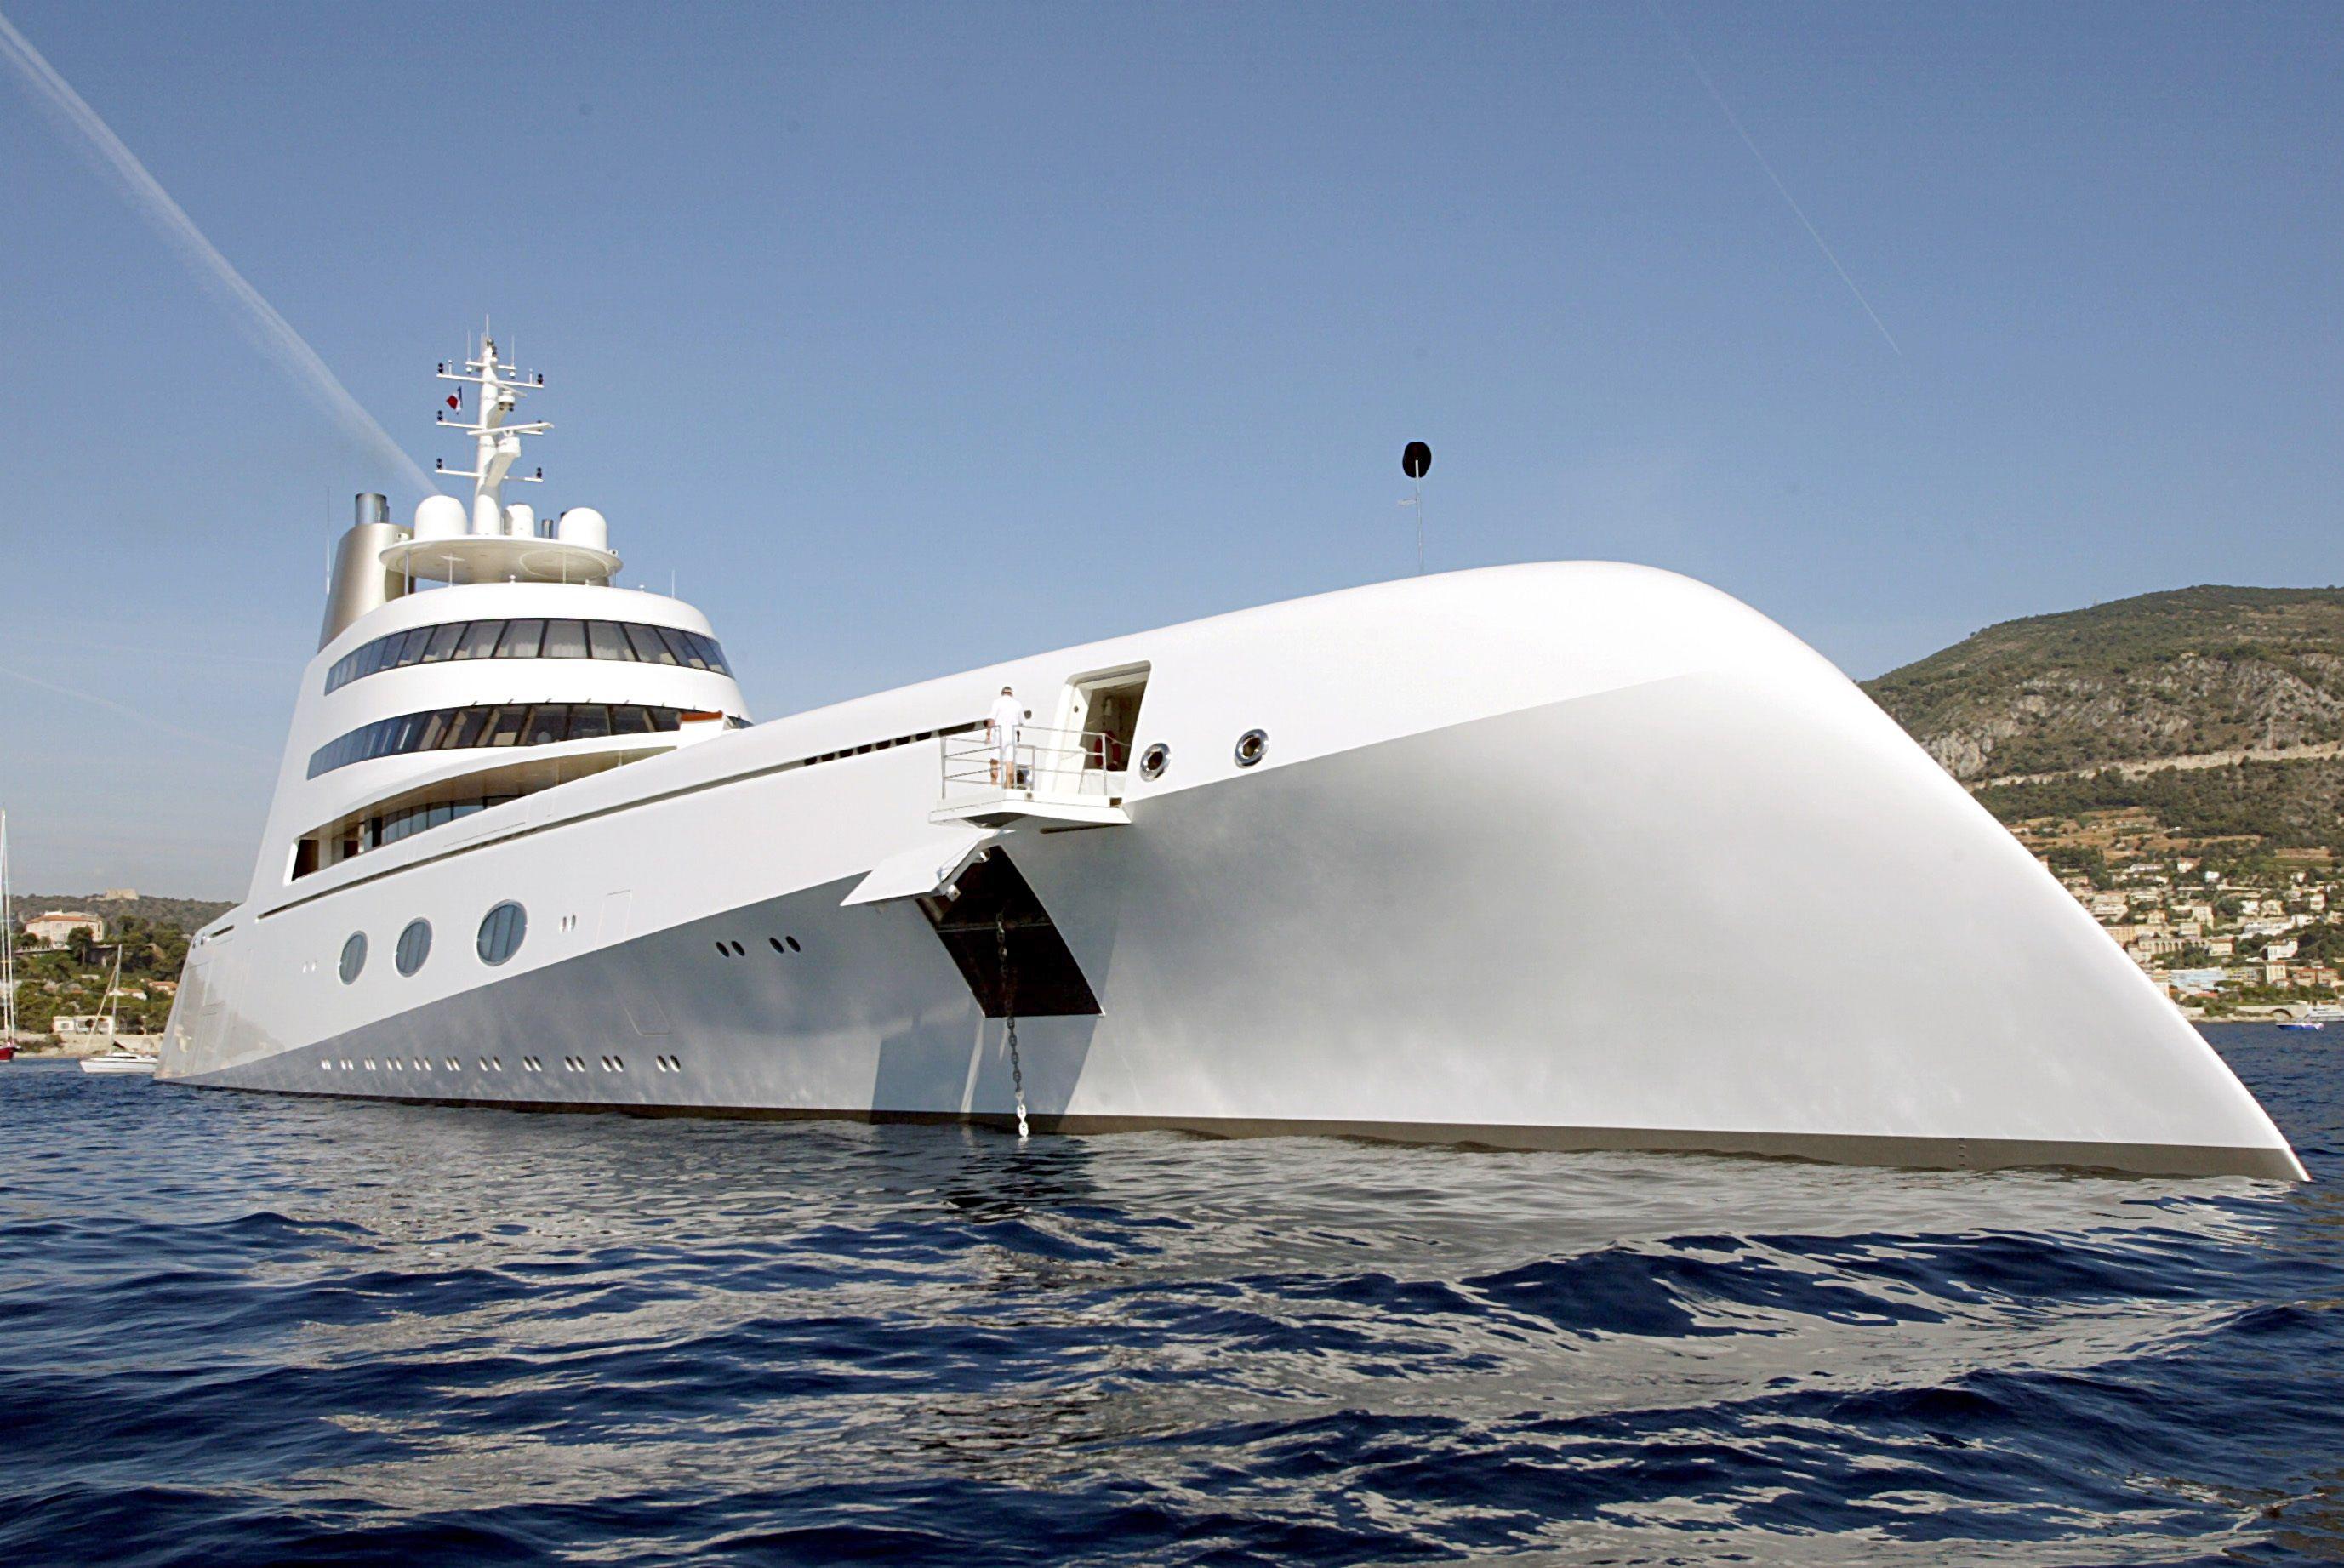 Der Franzose entwirft Yachten wie dieses 118 Meter lange Exemplar ...